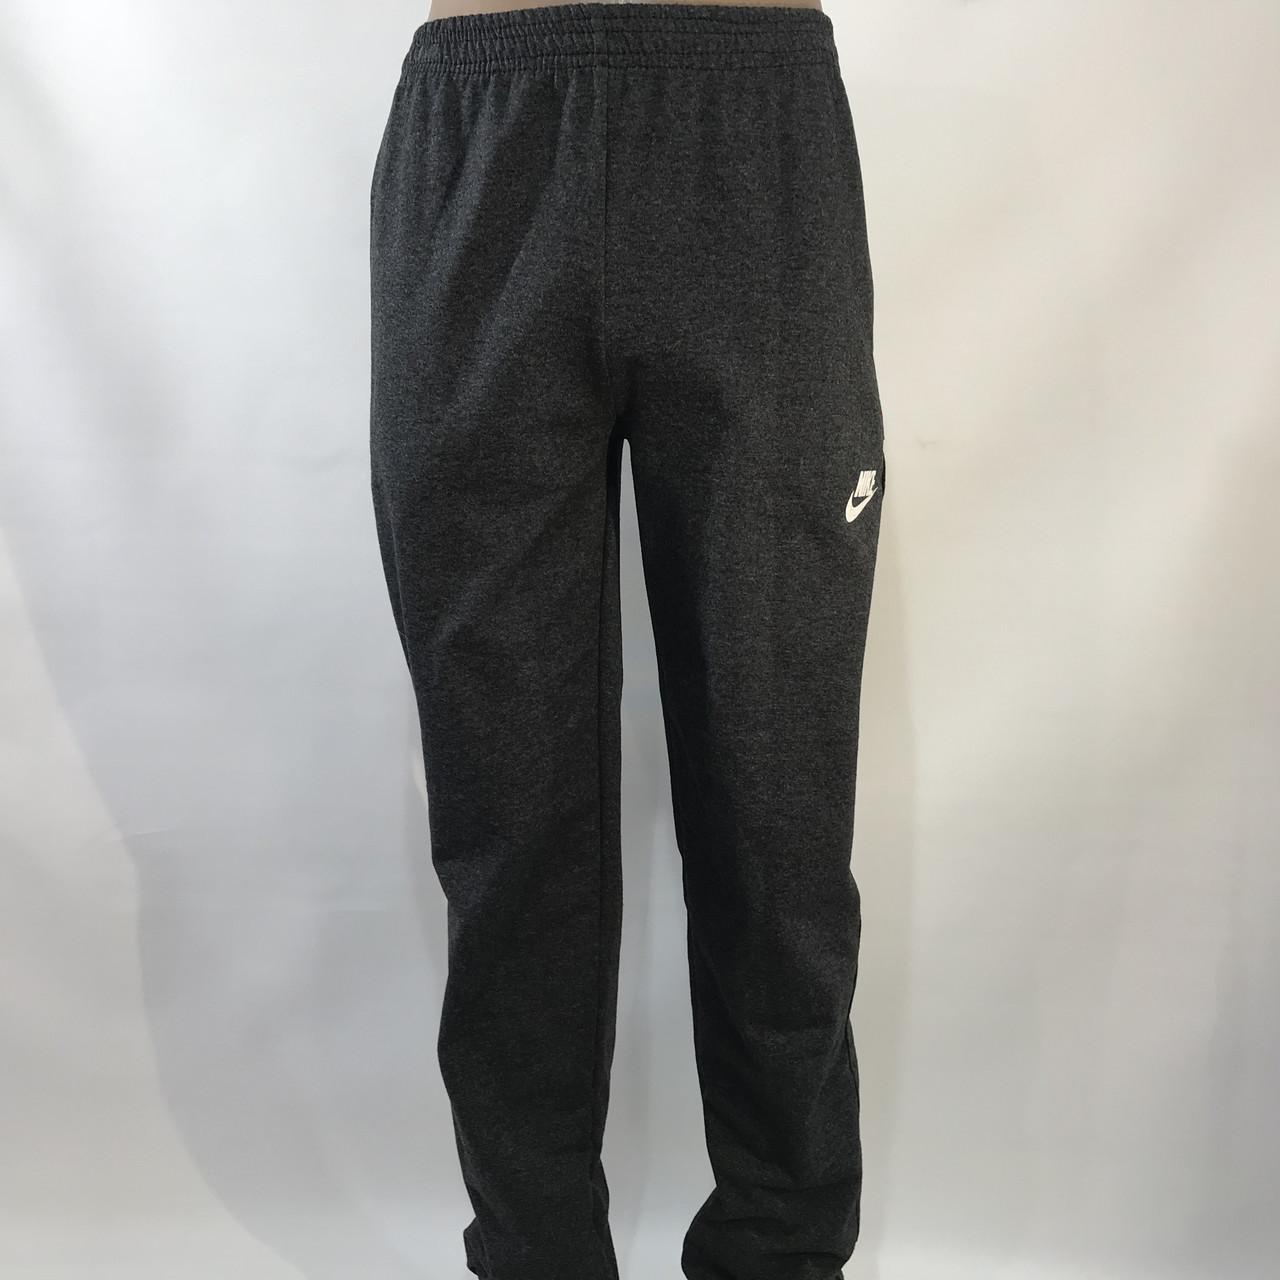 Спортивные штаны  (больших размеров) в стиле Nike под манжет темно серые